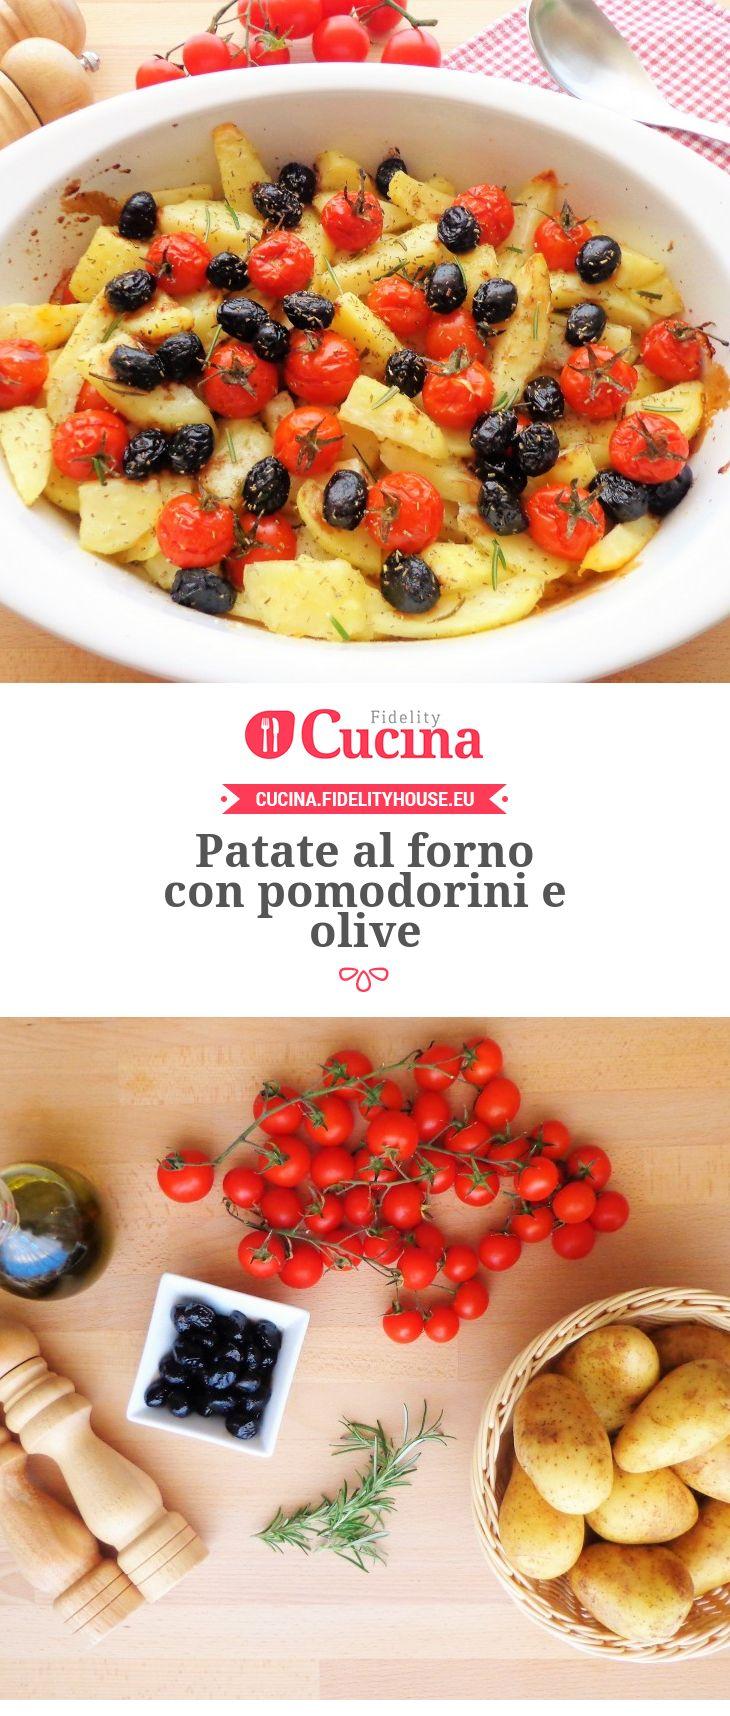 #Patate al forno con #pomodorini e #olive della nostra utente Magdalena. Unisciti alla nostra Community ed invia le tue ricette!